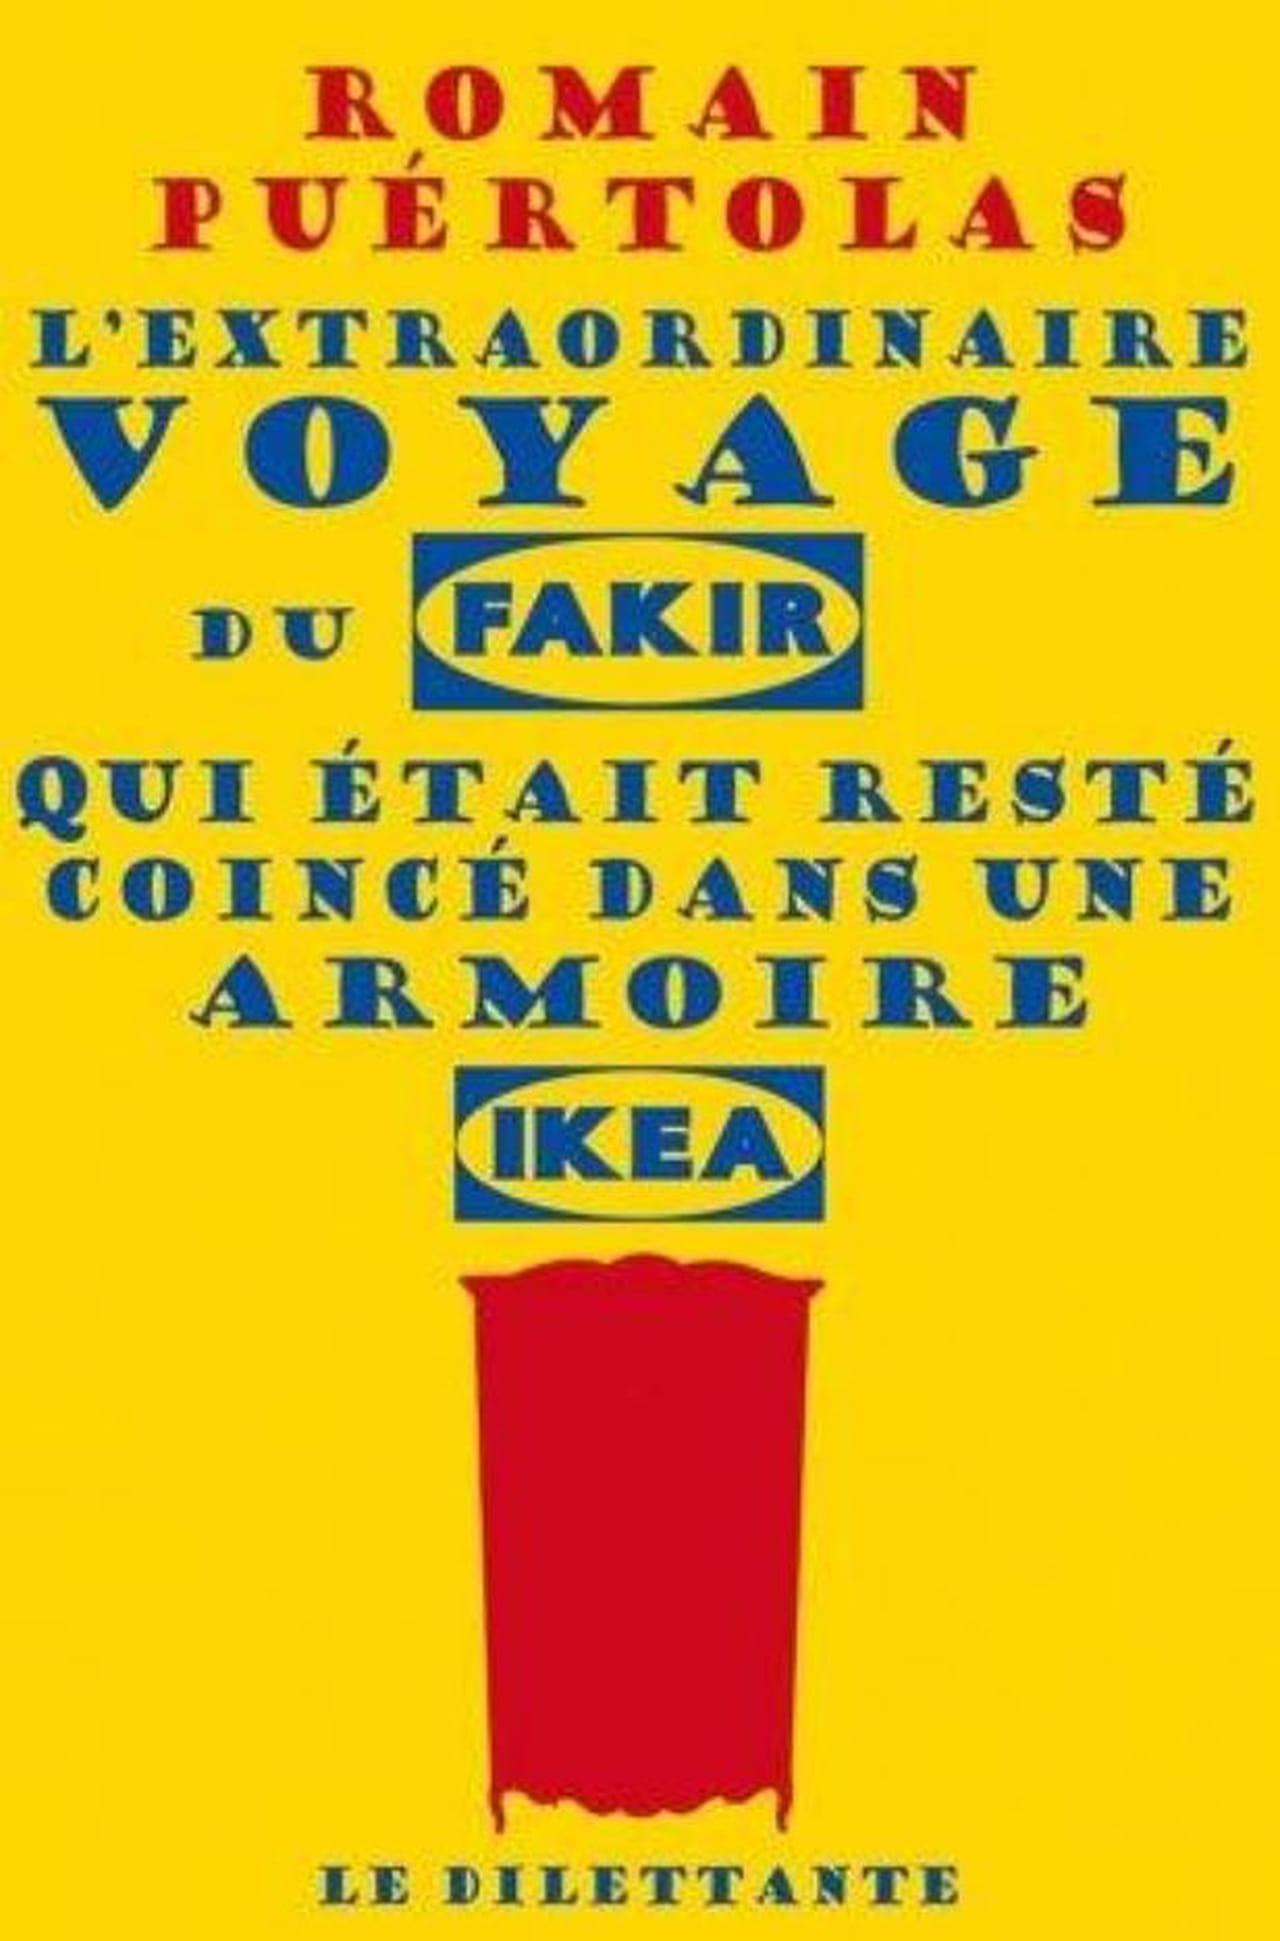 L'extraordinaire vyage du fakir qui était resté coincé dans une armoire Ikea, Romain Puertolas